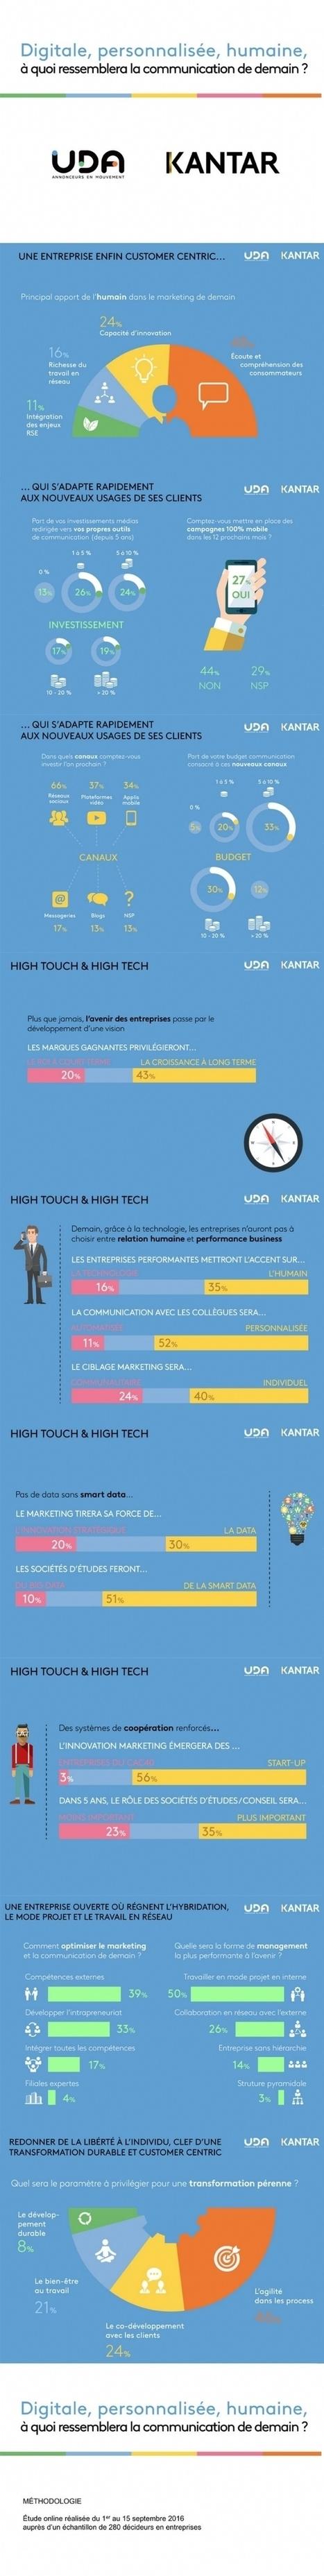 [Infographie] A quoi ressemblera la communication de demain ? - Etudes / Consumer Insight   Planète Projets : Gestion de projet - Travail collaboratif - Conduite du changement   Scoop.it